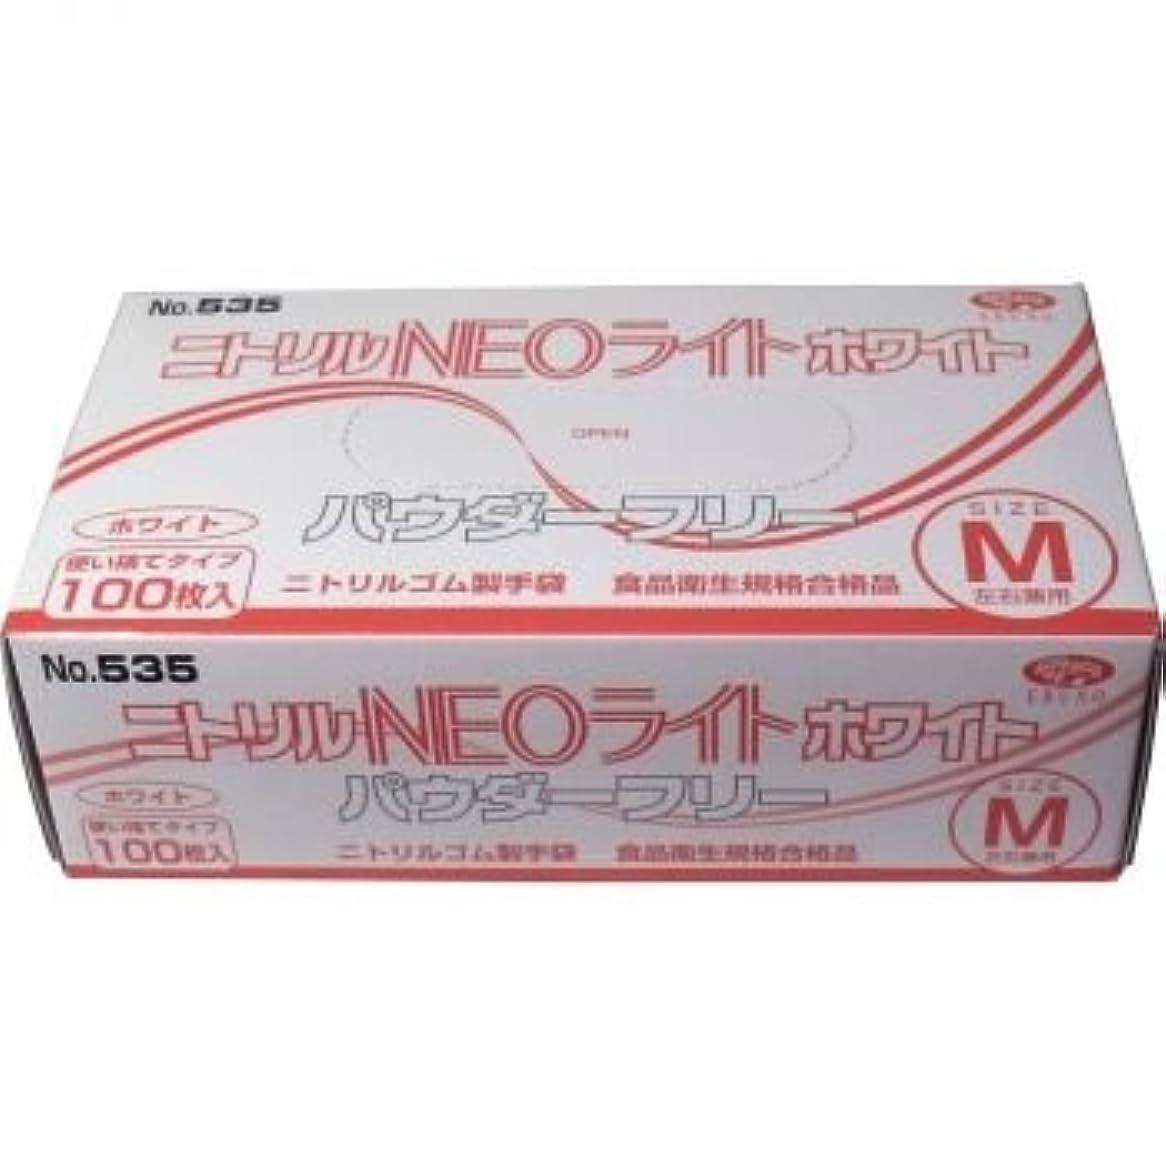 マチュピチュ環境に優しい擬人化ニトリル手袋 NEOライト パウダーフリー ホワイト Mサイズ 100枚入